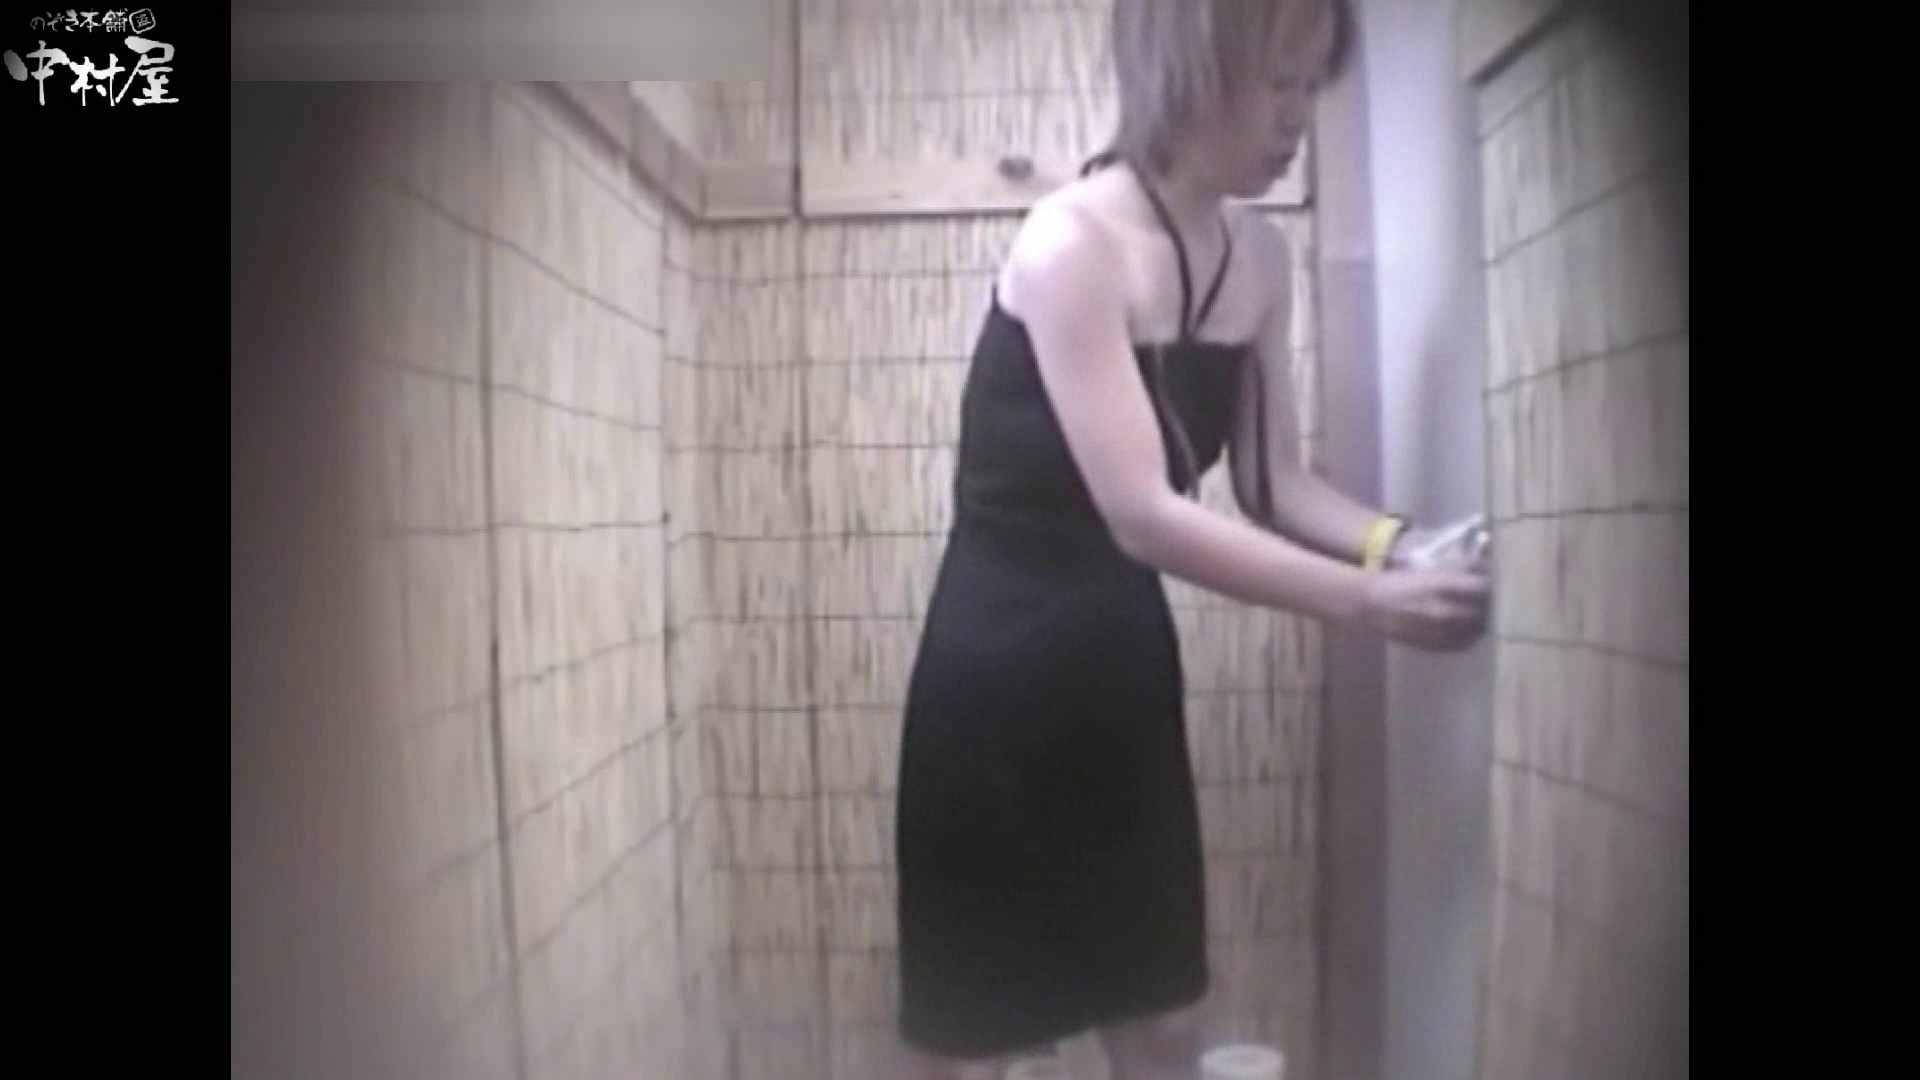 解禁!海の家4カメ洗面所vol.39 洗面所 盗み撮り動画 86pic 22